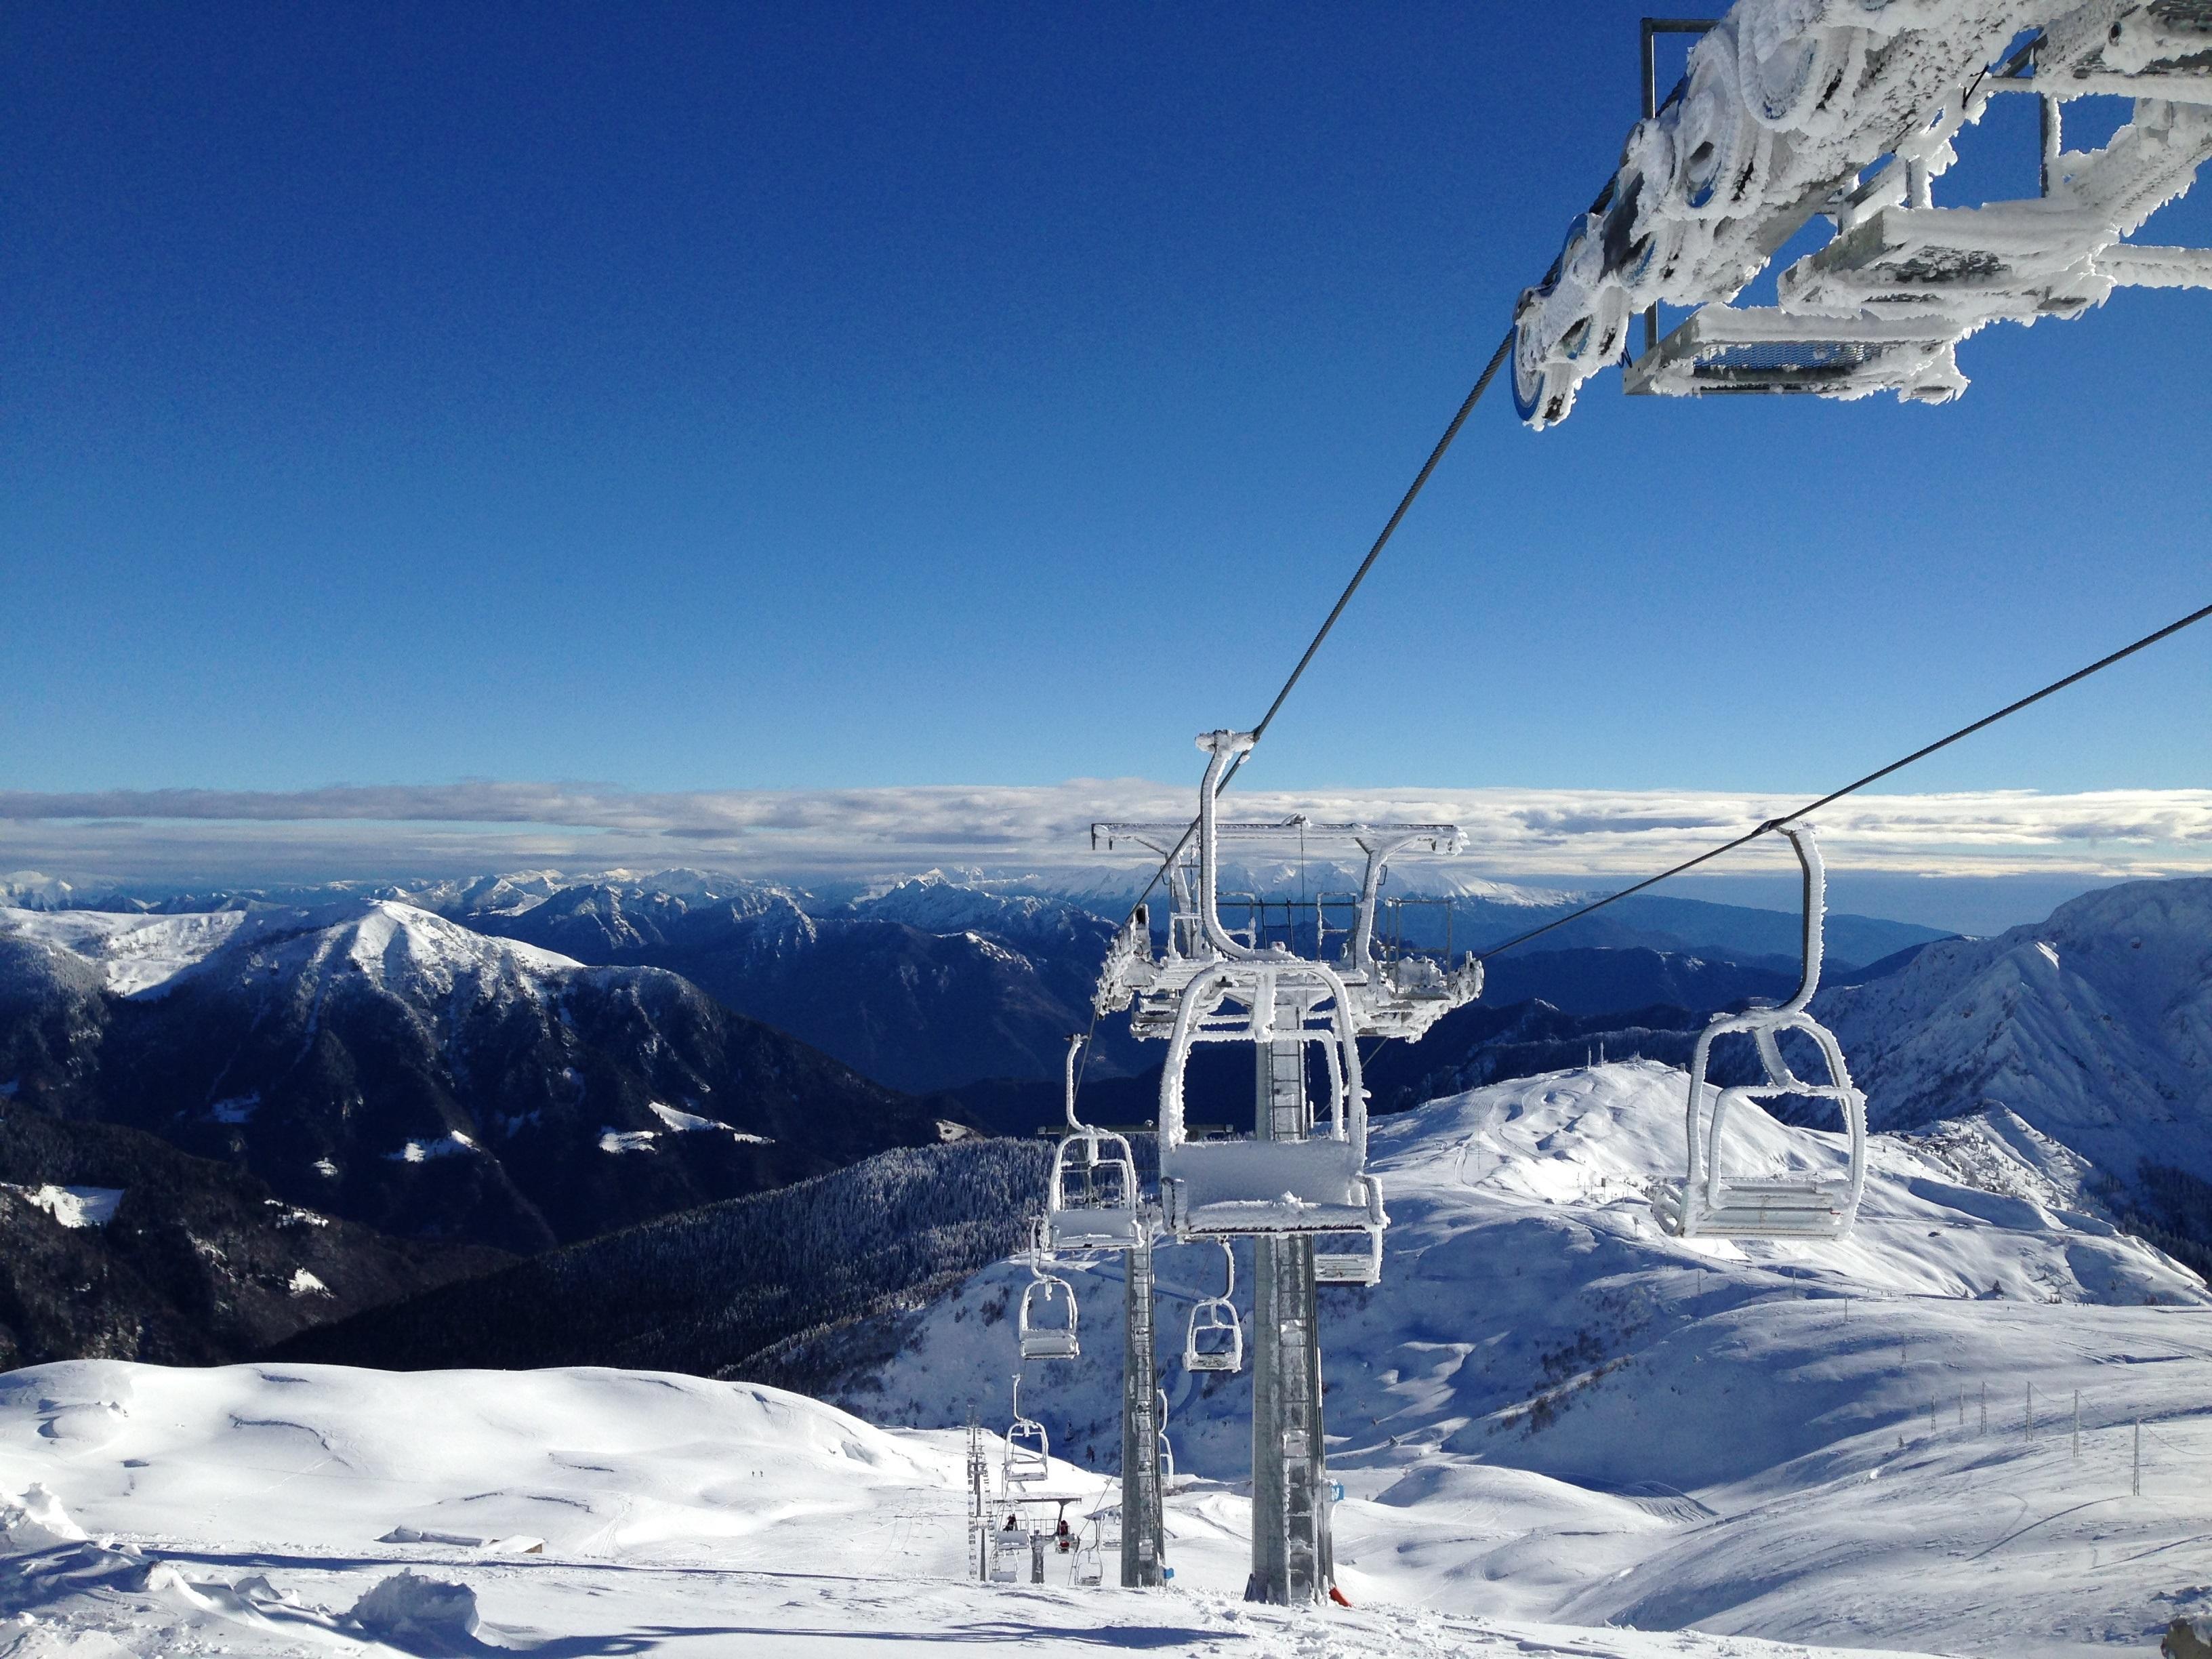 Montagna, 10,5 milioni di euro per rilanciare il turismo in Valcamonica, Valsabbia e Valtrompia